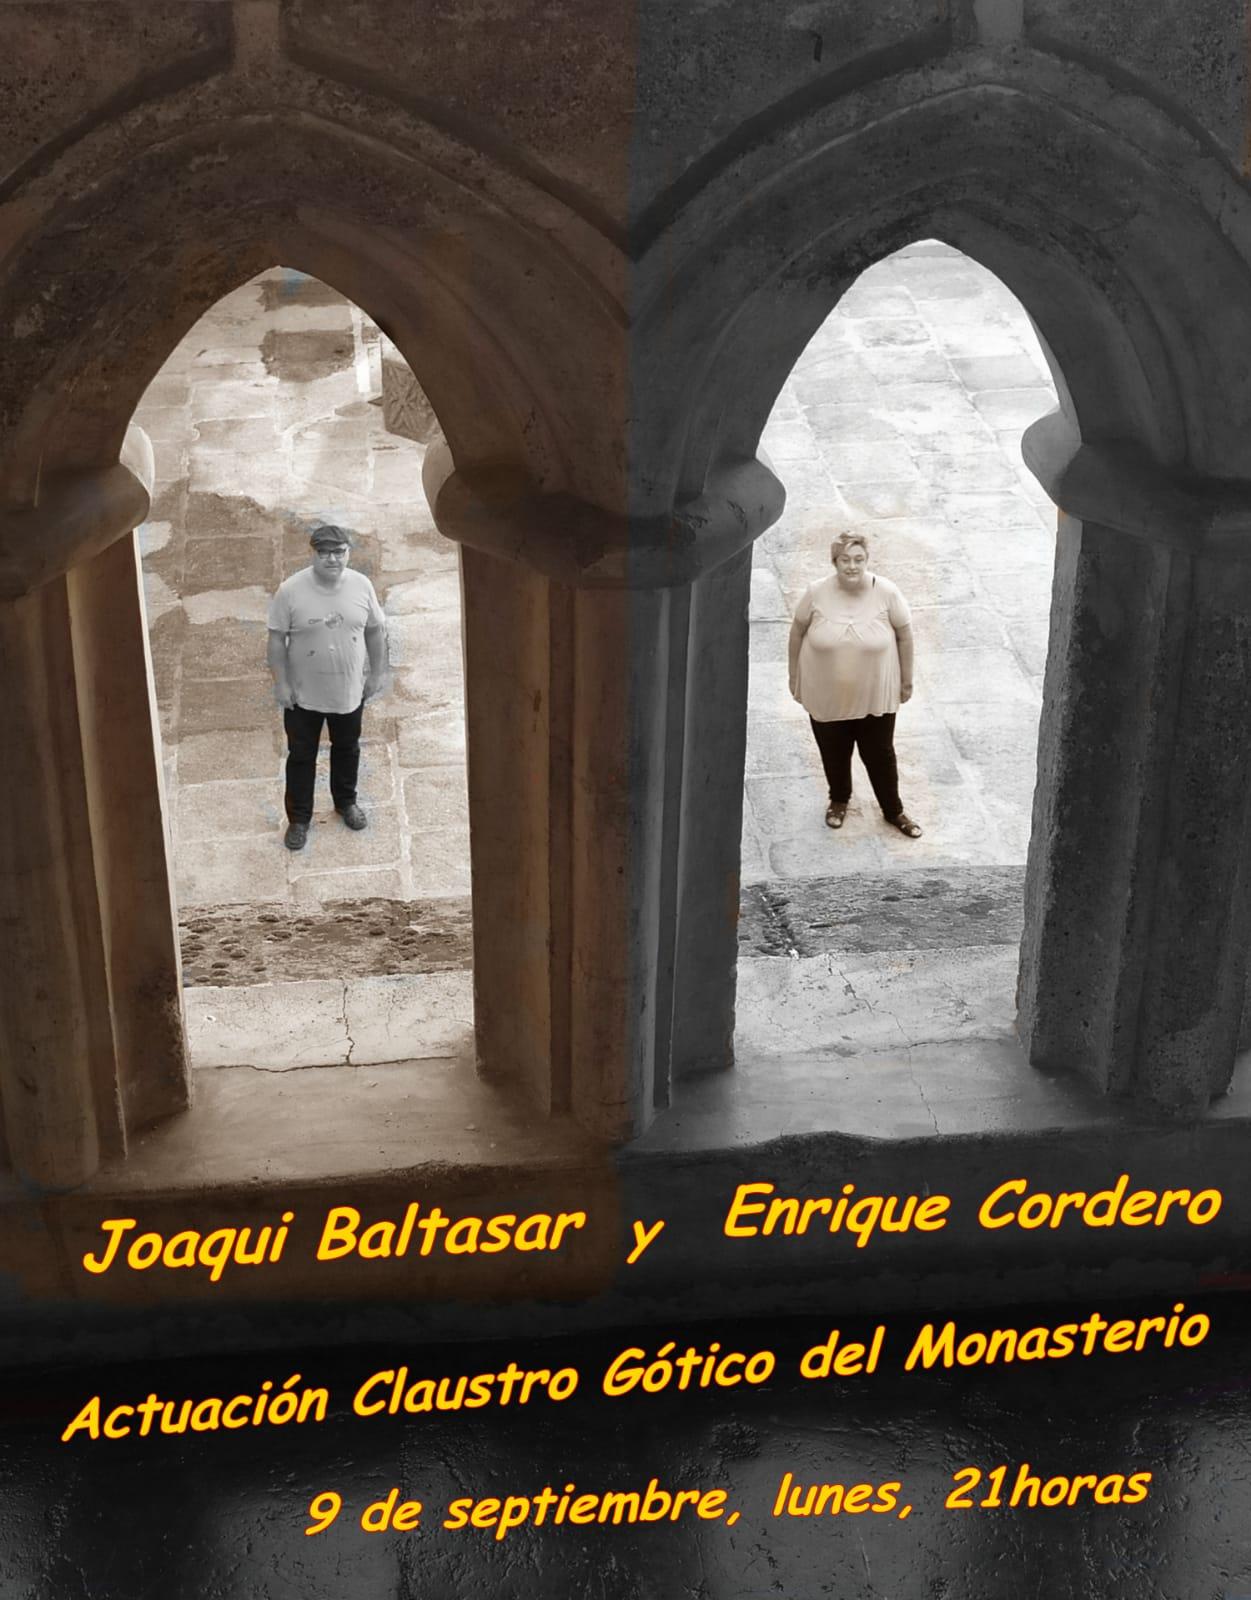 Actuación Joaqui Baltasar y Enrique Cordero septiembre 2019 - Guadalupe (Cáceres)